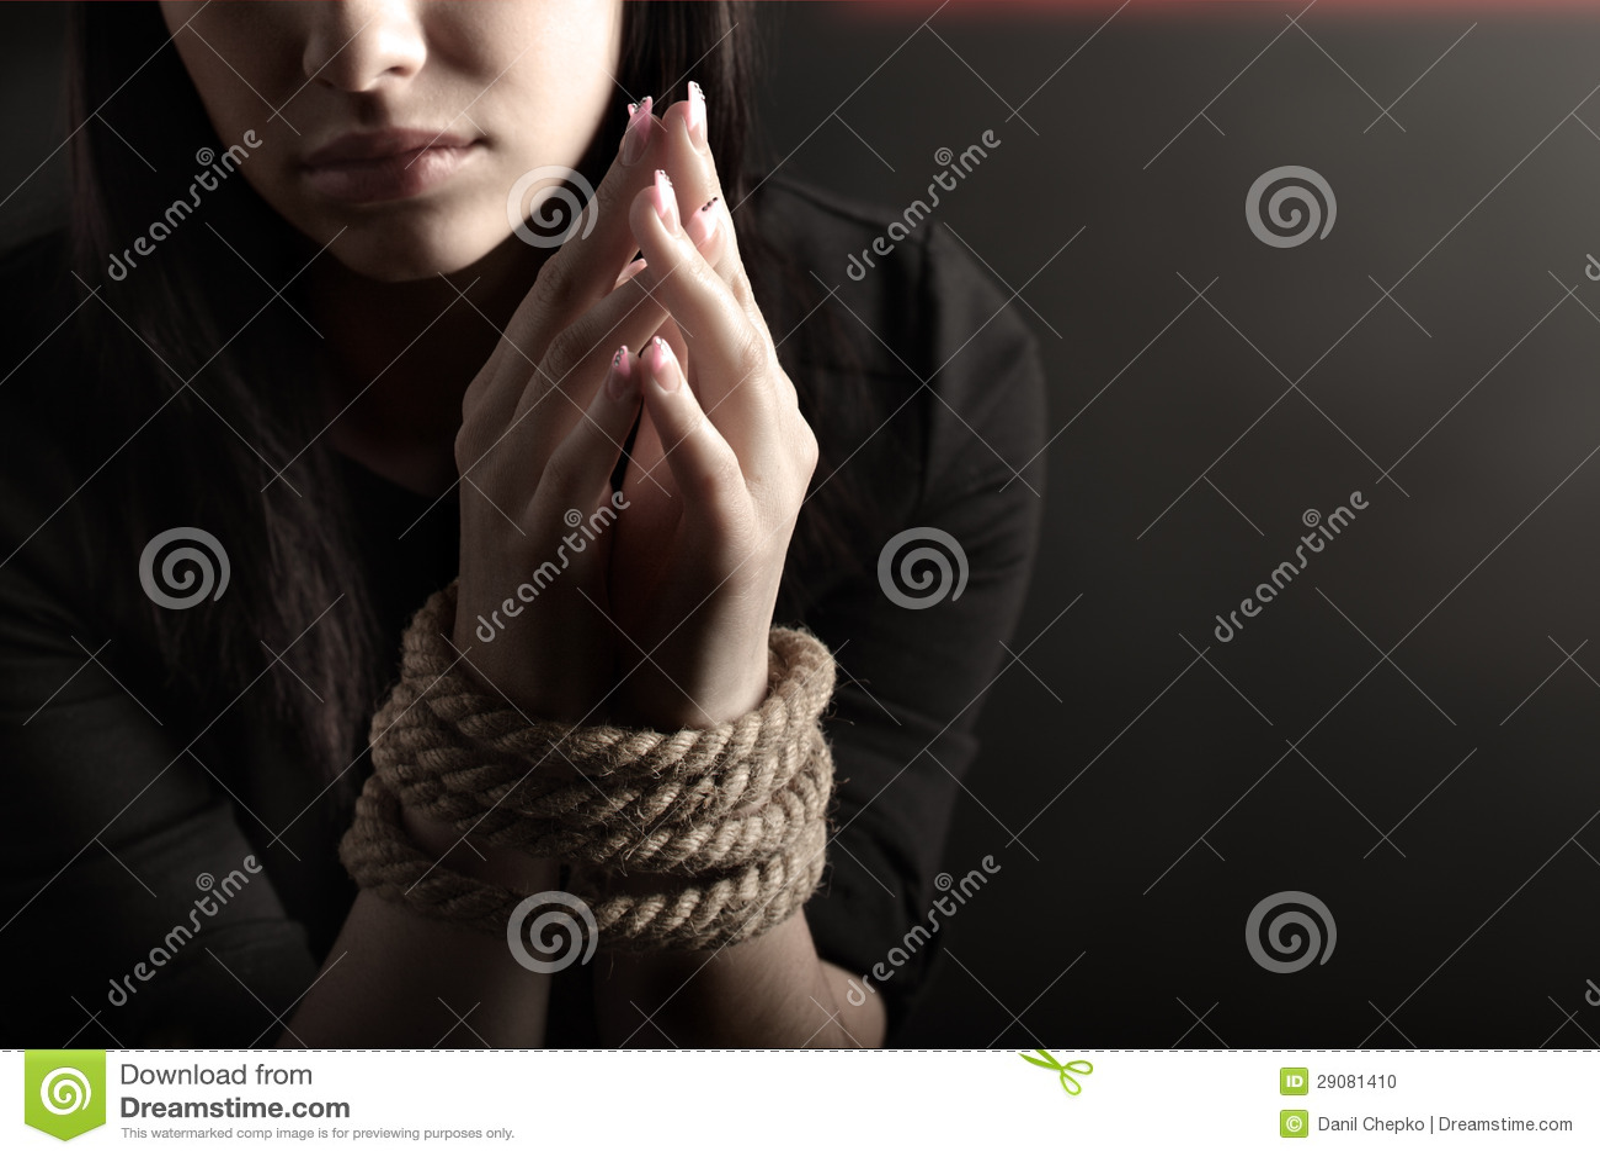 Фото похищенных и связанных девушек